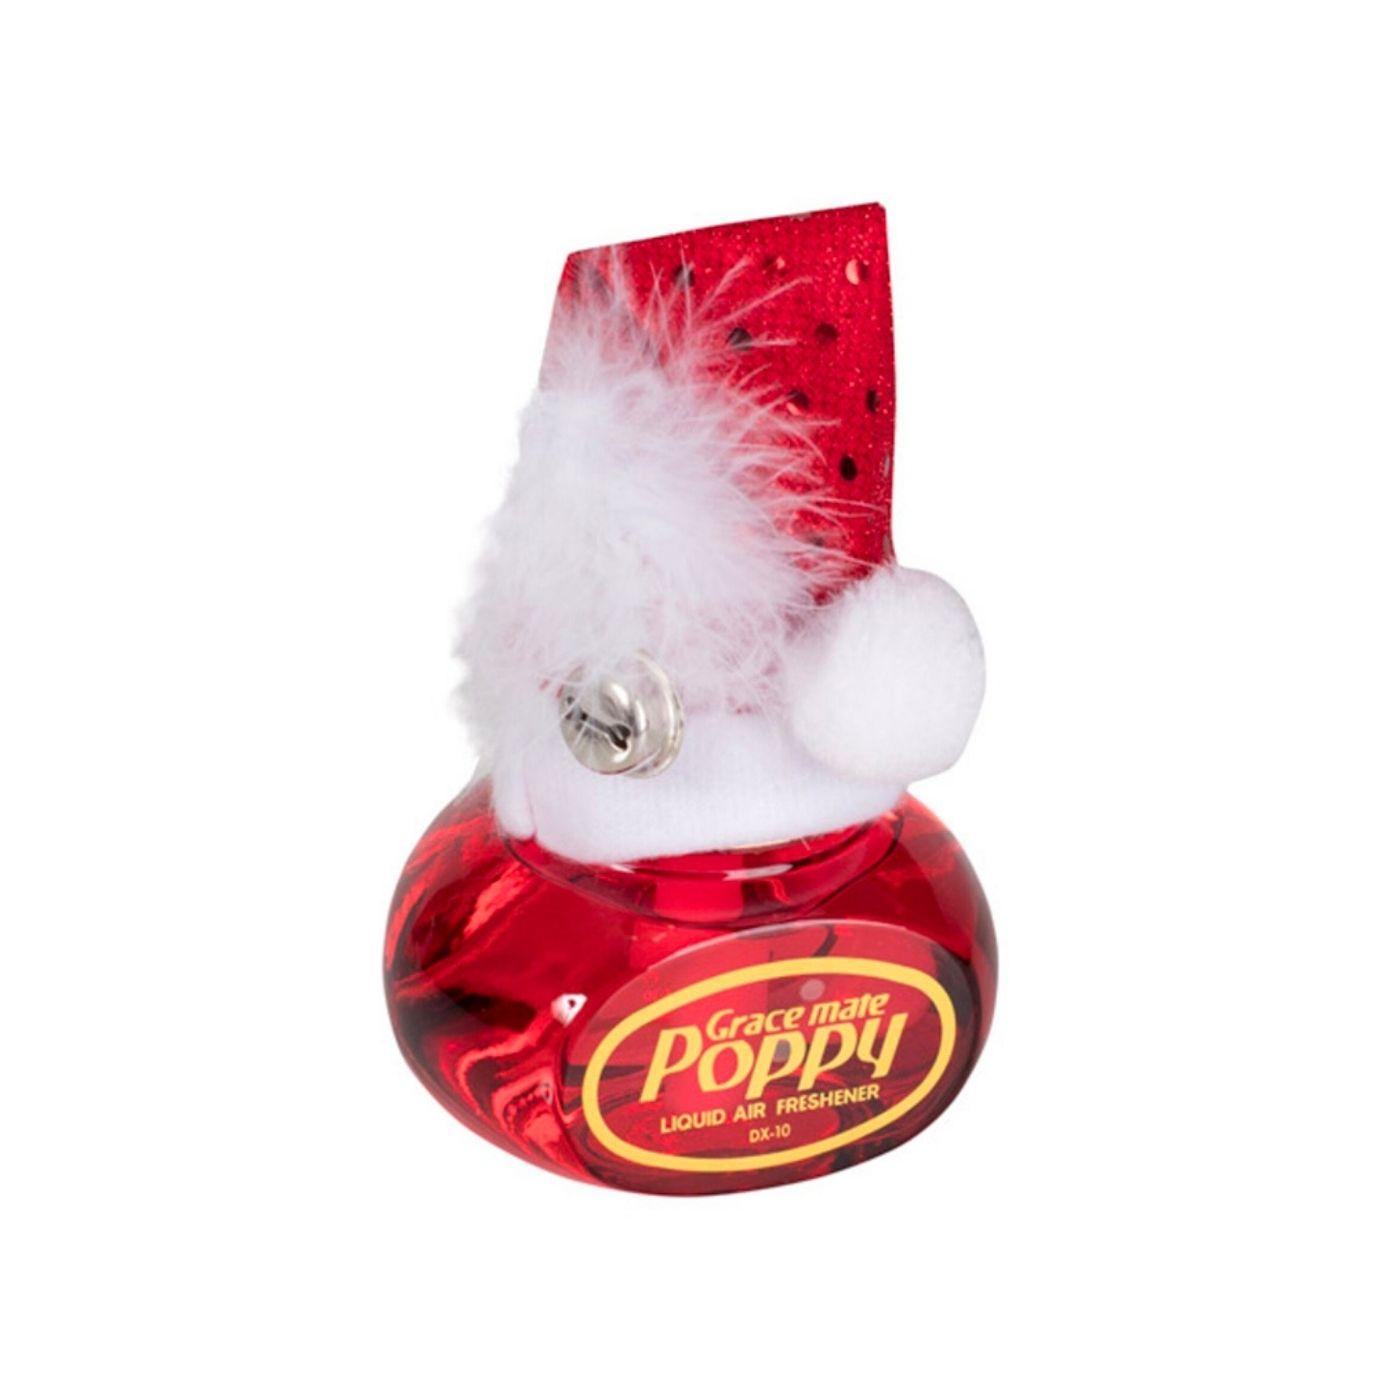 Tomteluva till Poppy